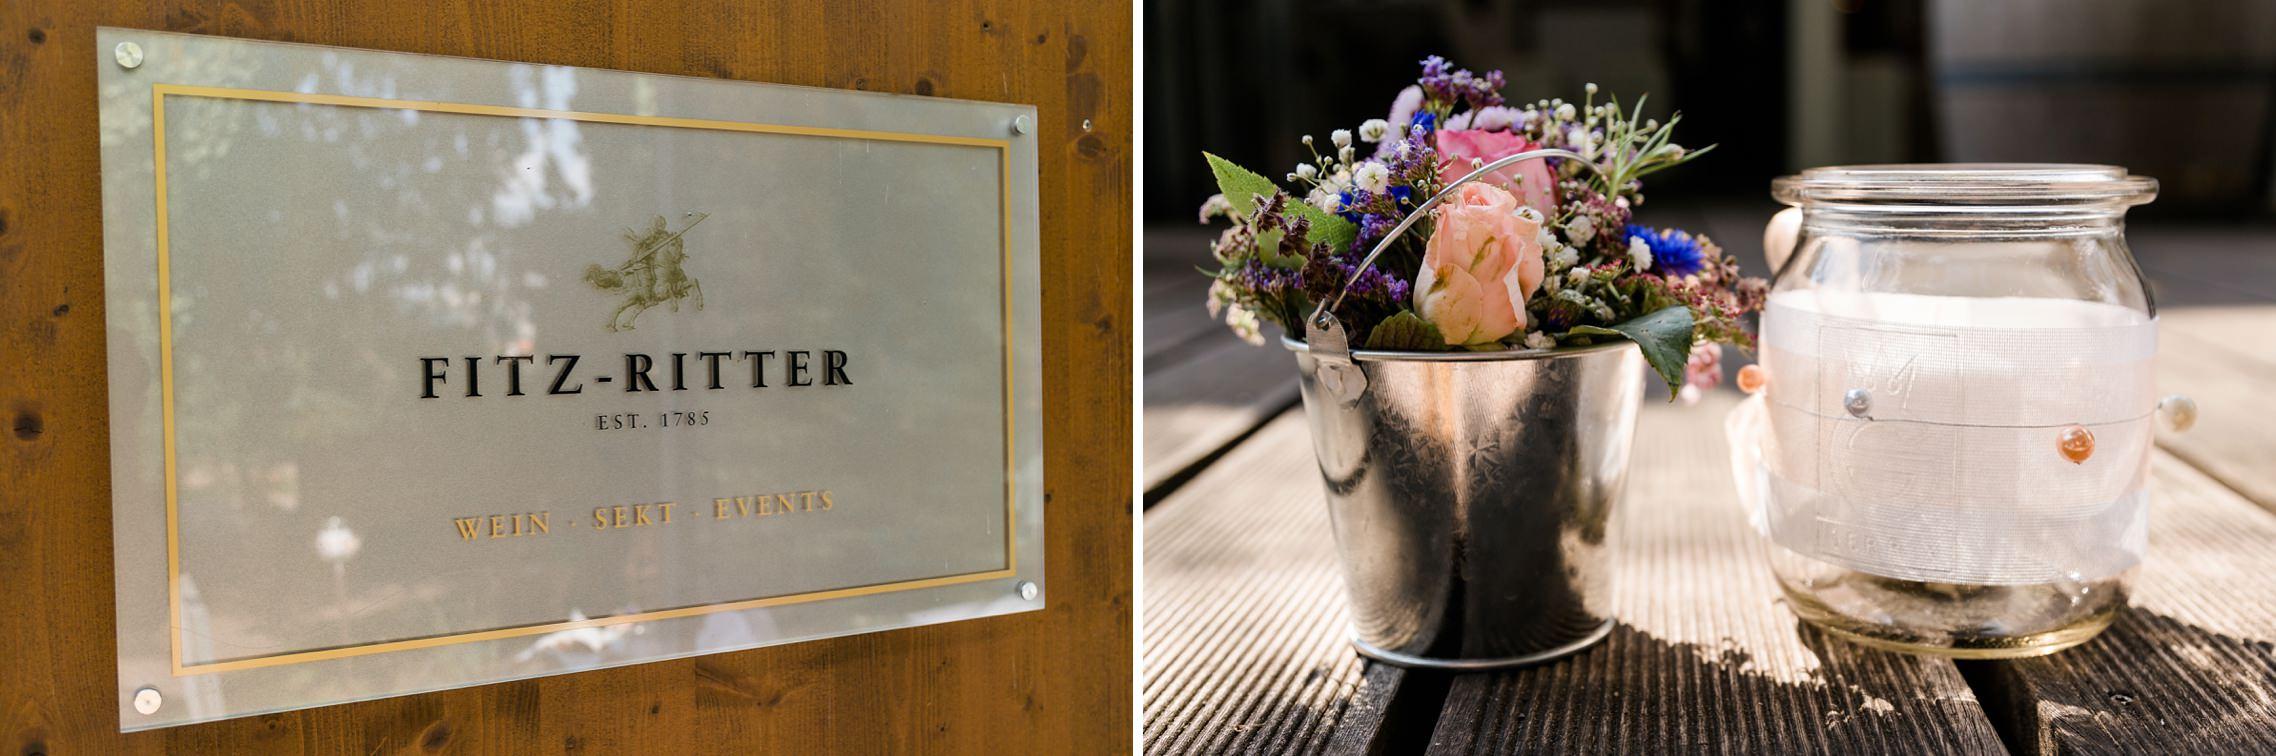 Detailaufnahme Schild Weingut Fitz-Ritter sowie der Blumendeko.